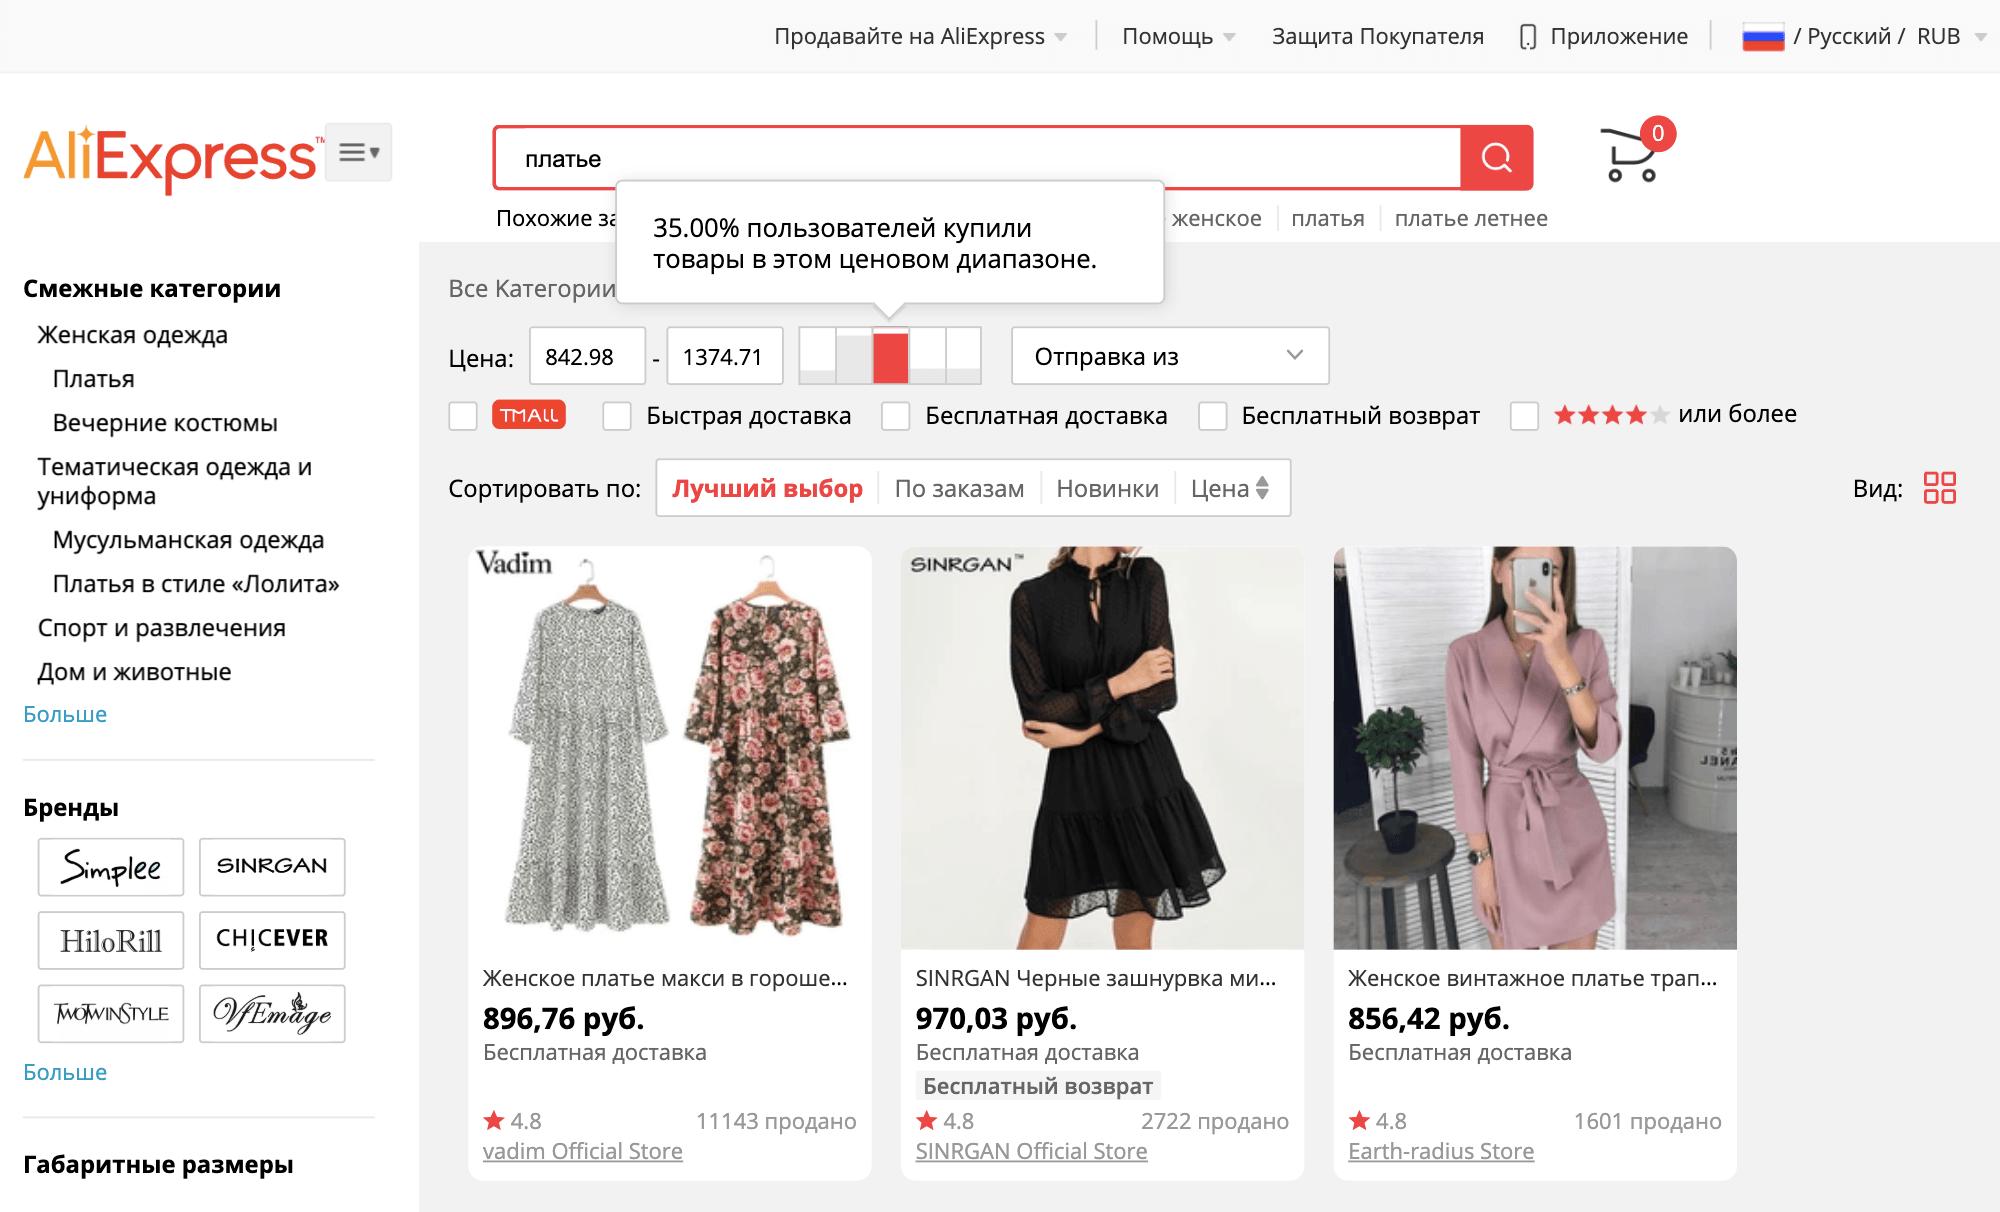 В поиске видно, как часто товар покупают за ту или иную цену. Например, 35% покупателей приобретают платья по цене от 850 до 1350рублей, еще столькоже — за 500—850 рублей